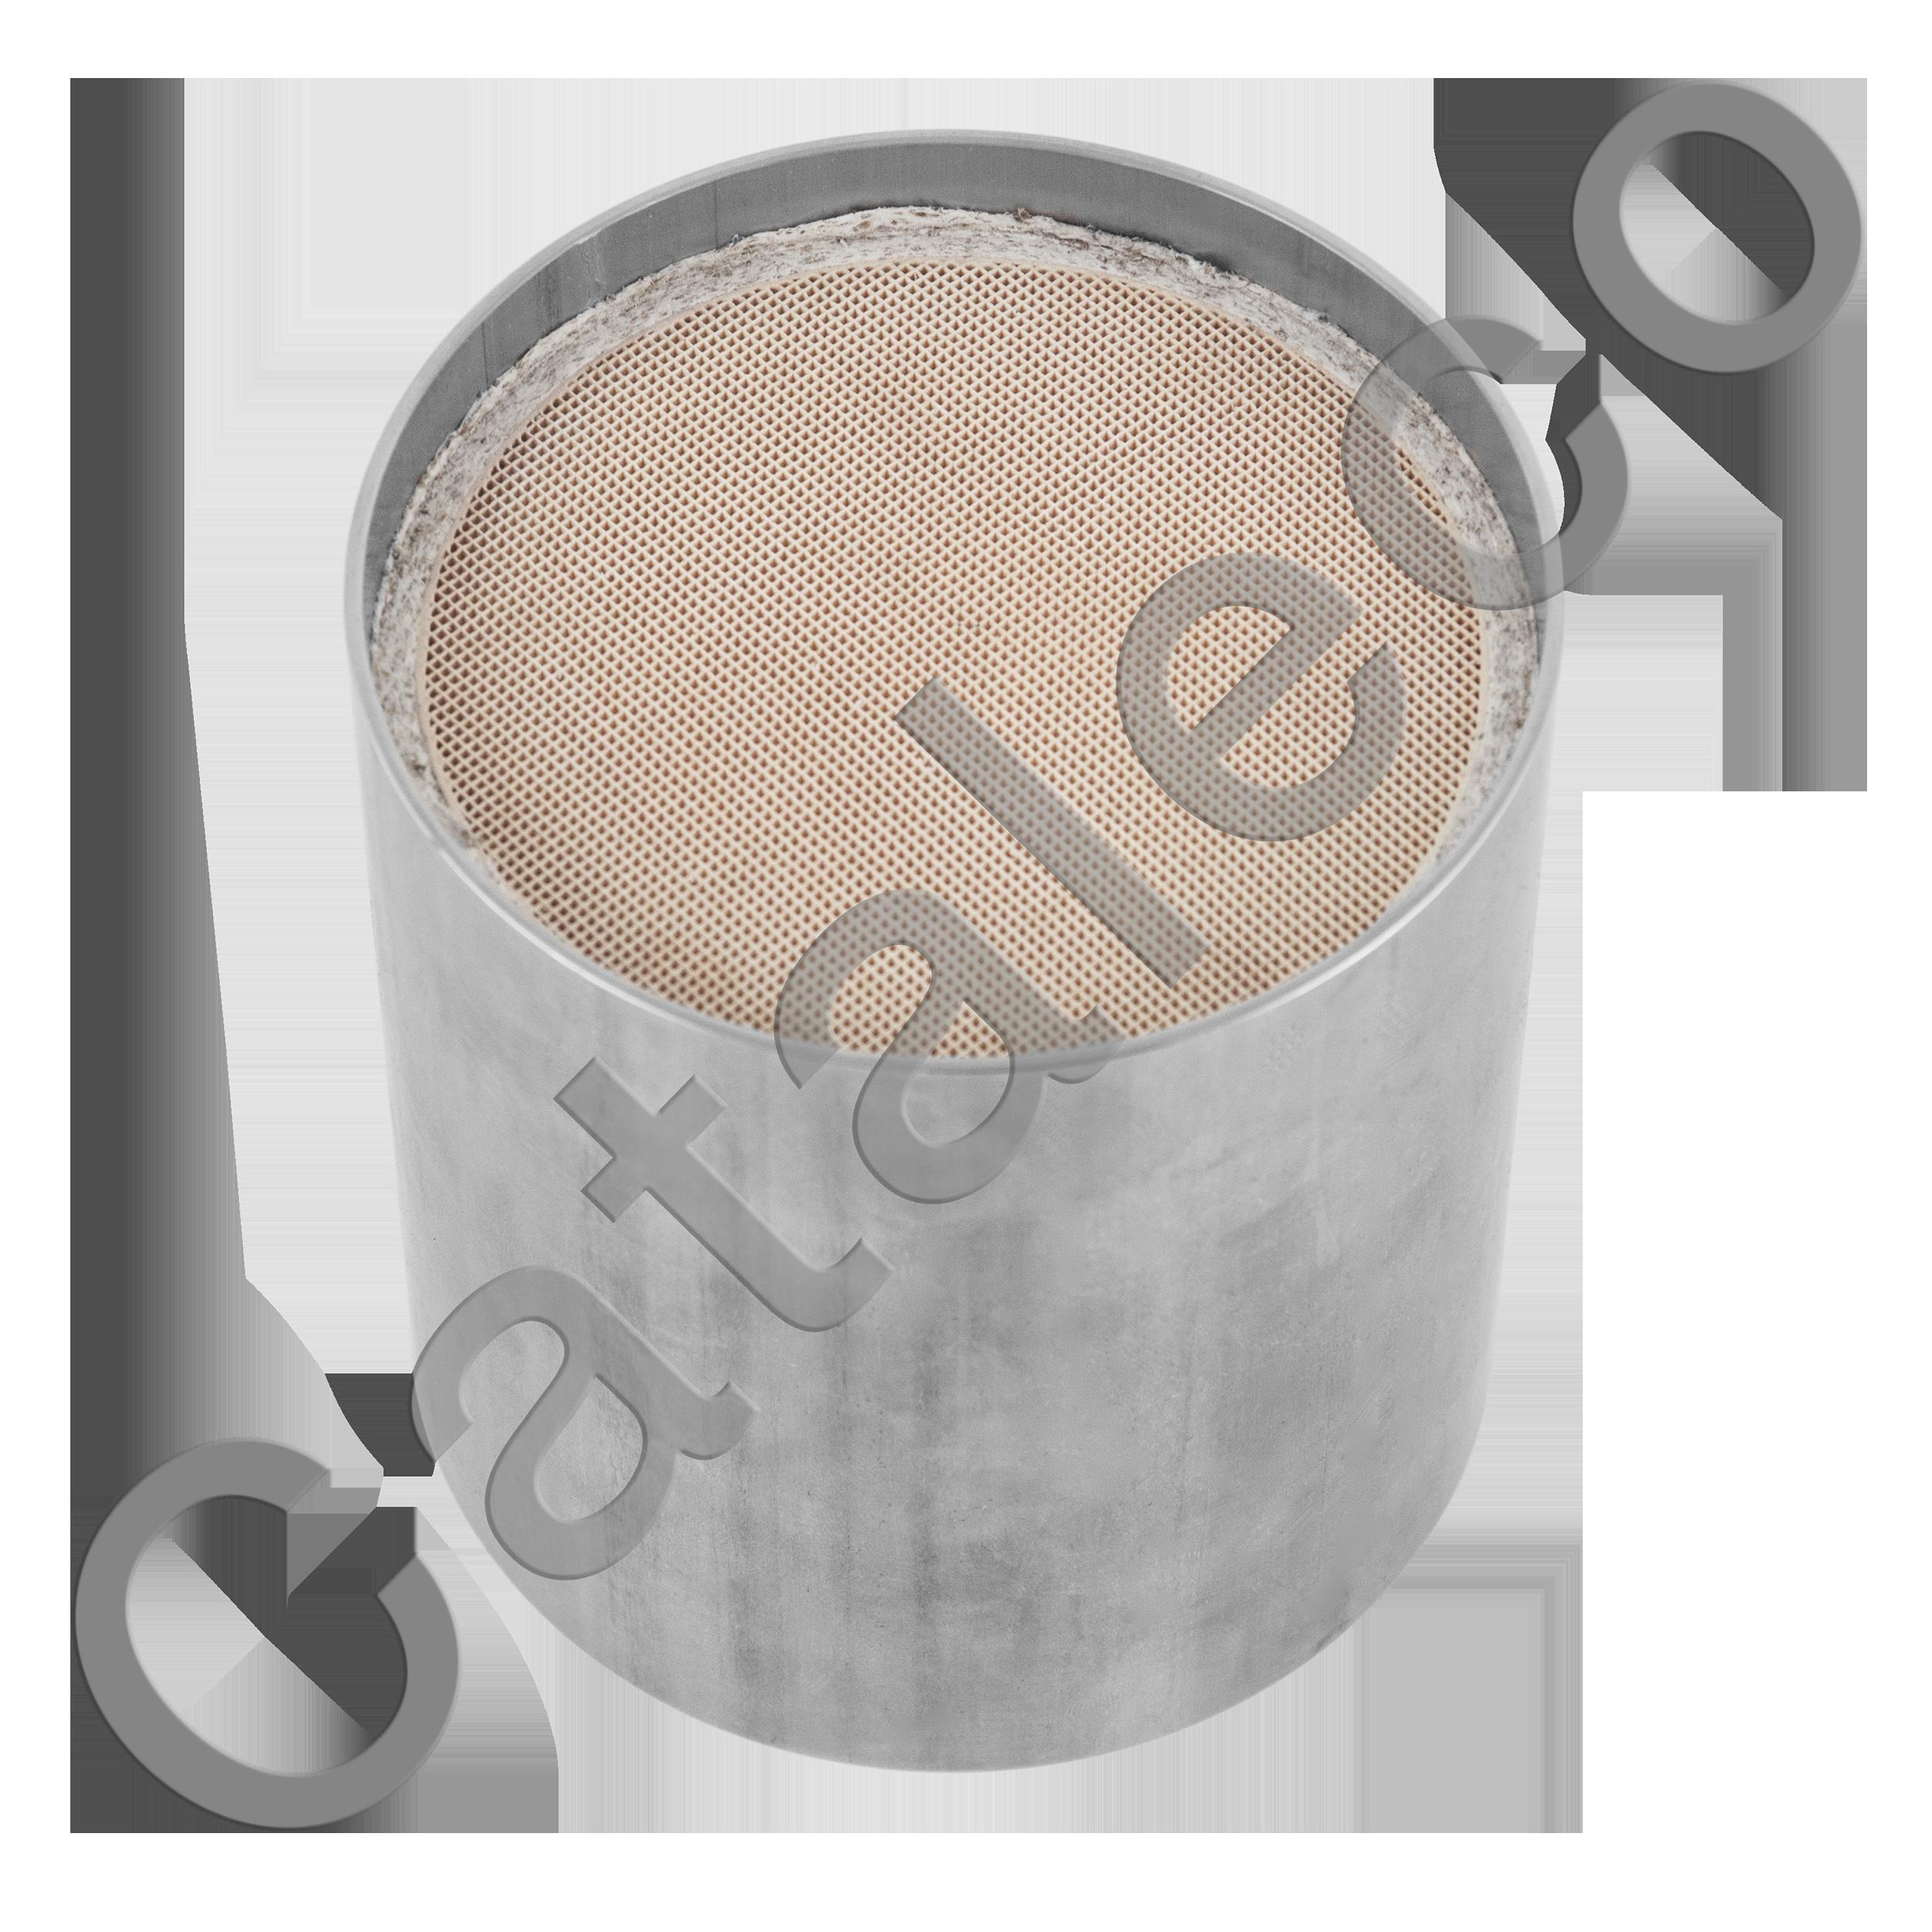 Универсальный керамический автомобильный катализатор для дизельного двигателя, евро-4, D=114,3 мм, L=120 мм, присоединительные размеры  76 мм